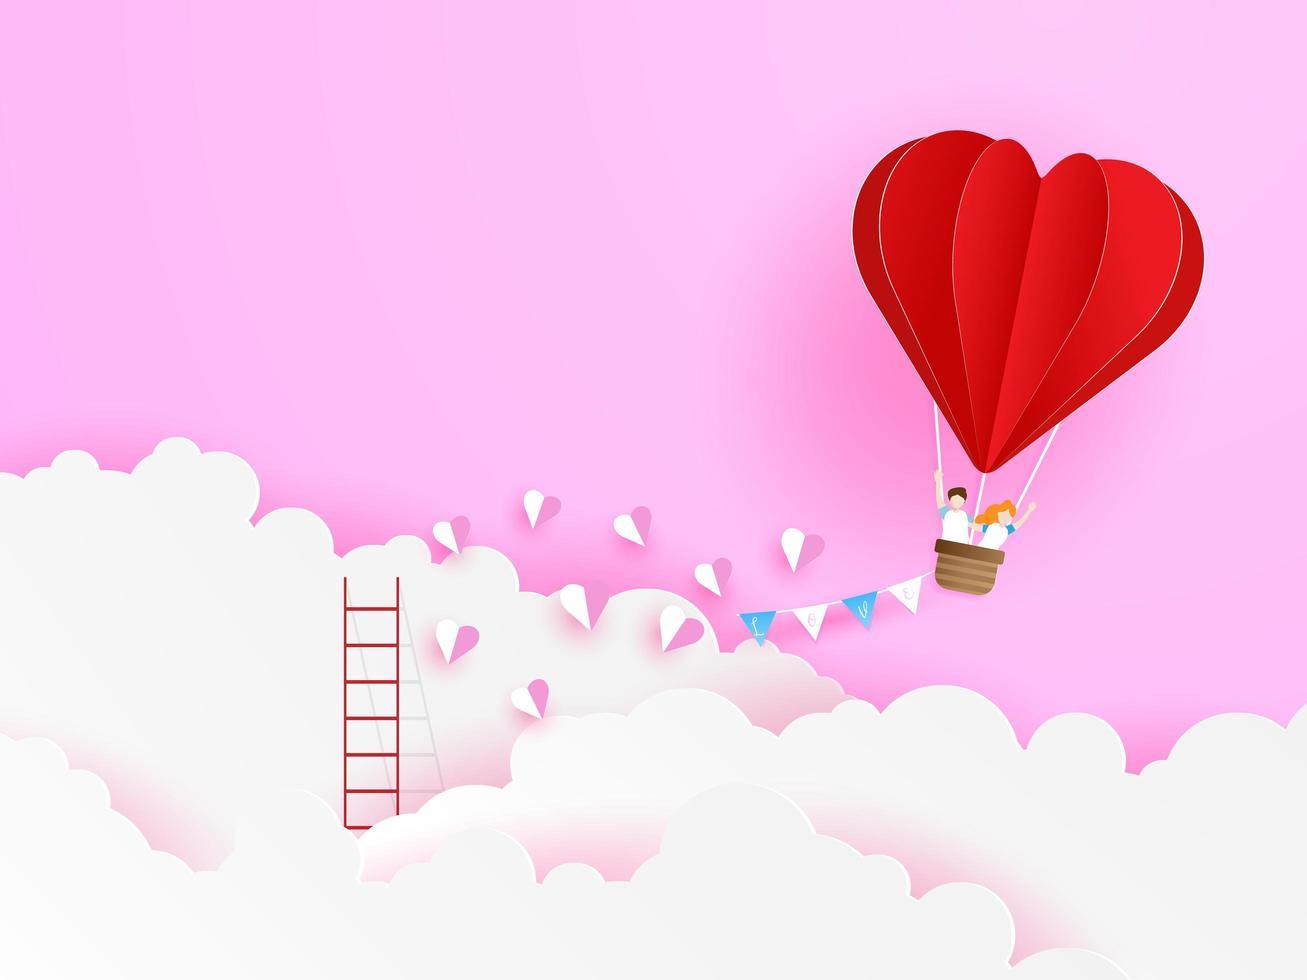 amore coppia volare con palloncino a forma di cuore rosso vettore